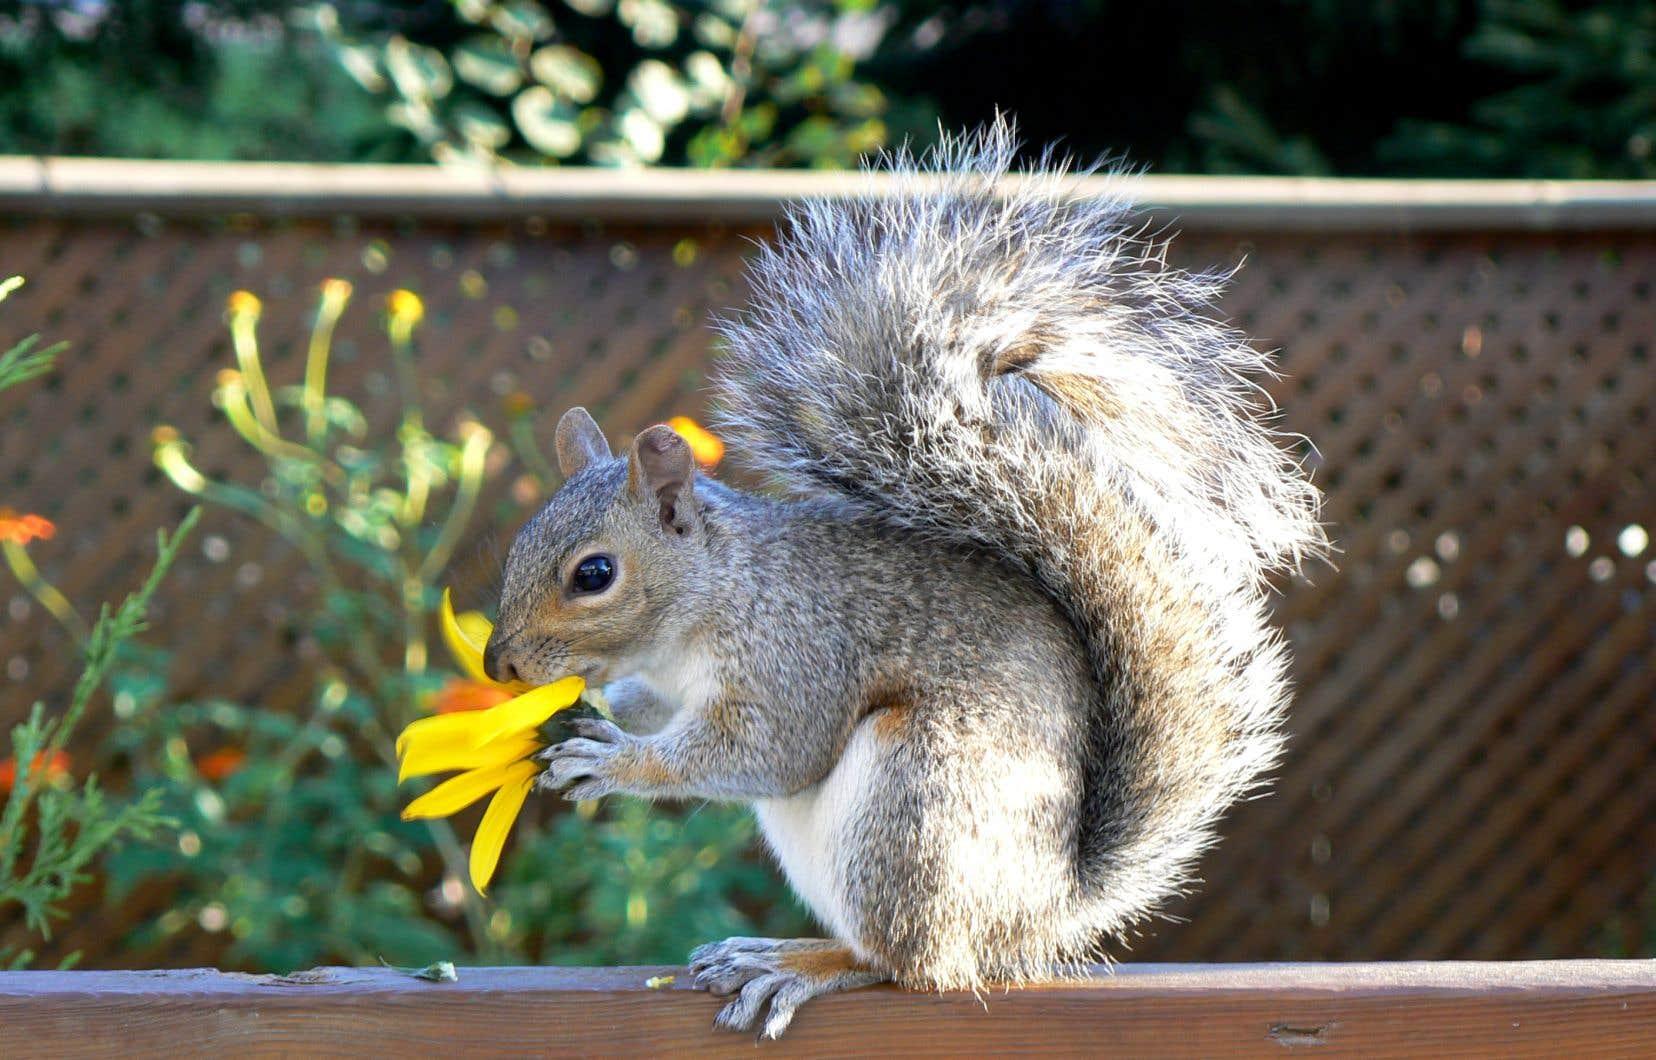 Doit On Deterrer Les Oignons De Tulipes les écureuils vous rendent dingues! | le devoir